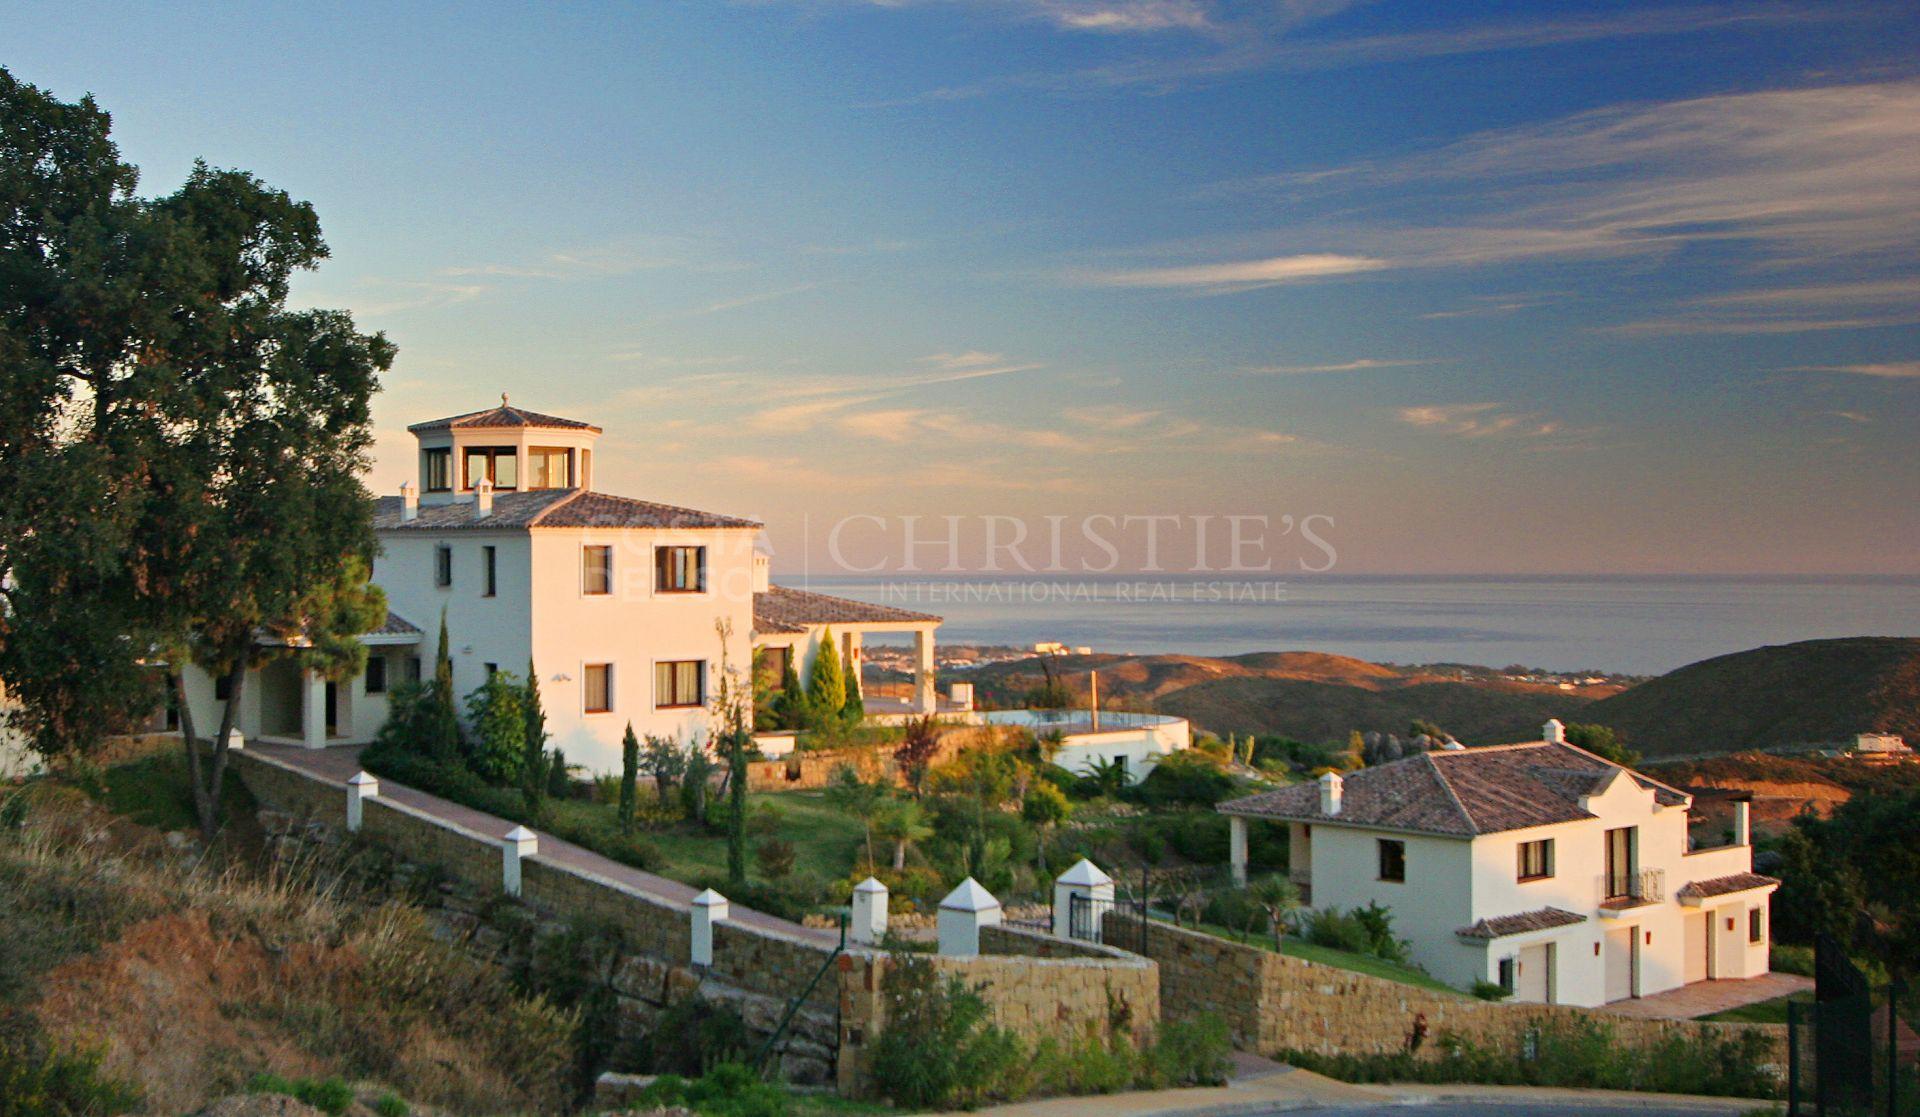 Prachtige villa in Benahavis | Christie's International Real Estate